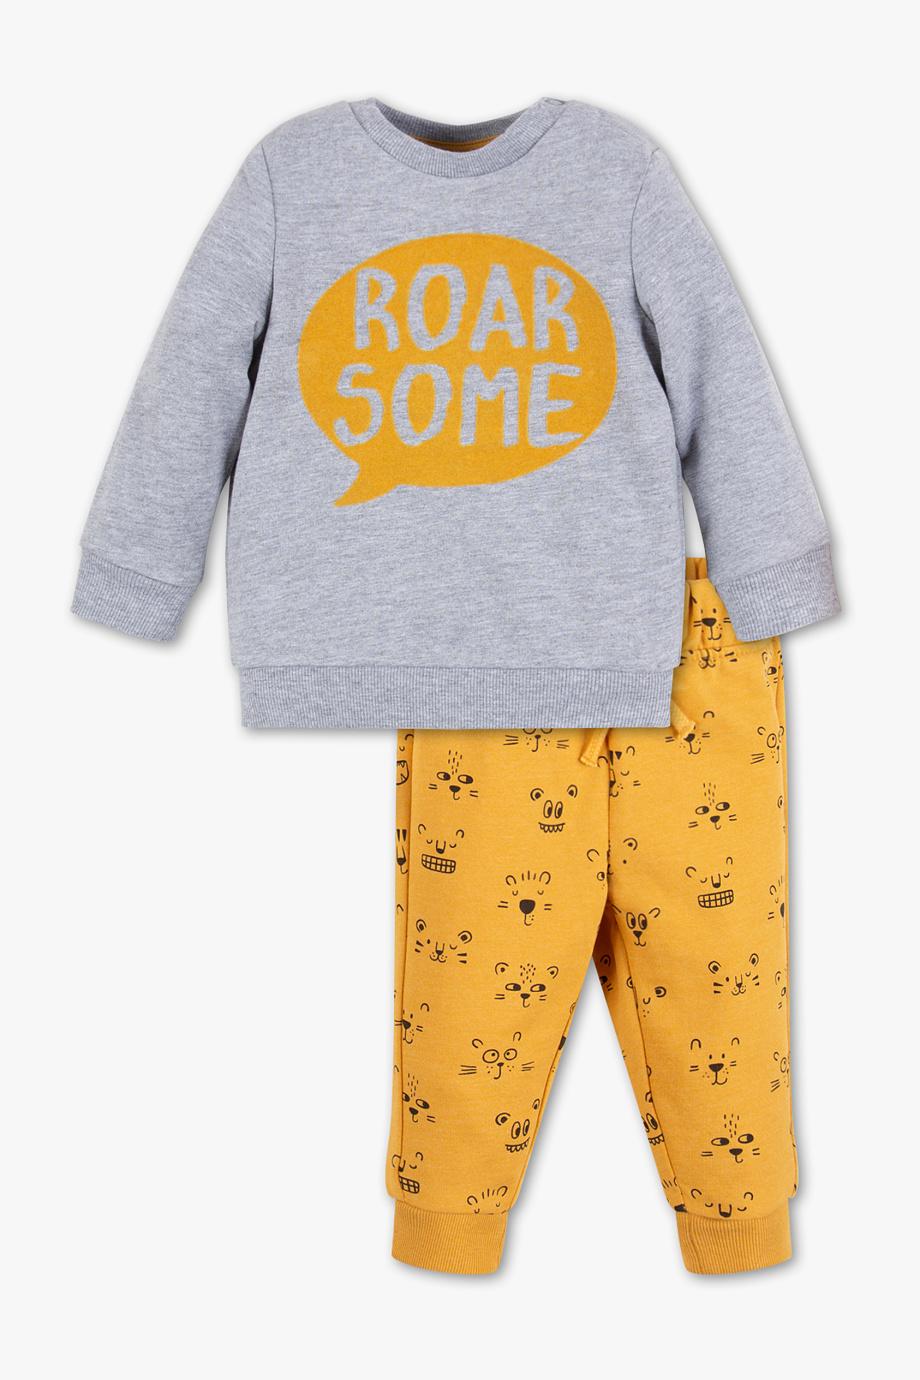 zweiteiliges Outfit in gelb grau